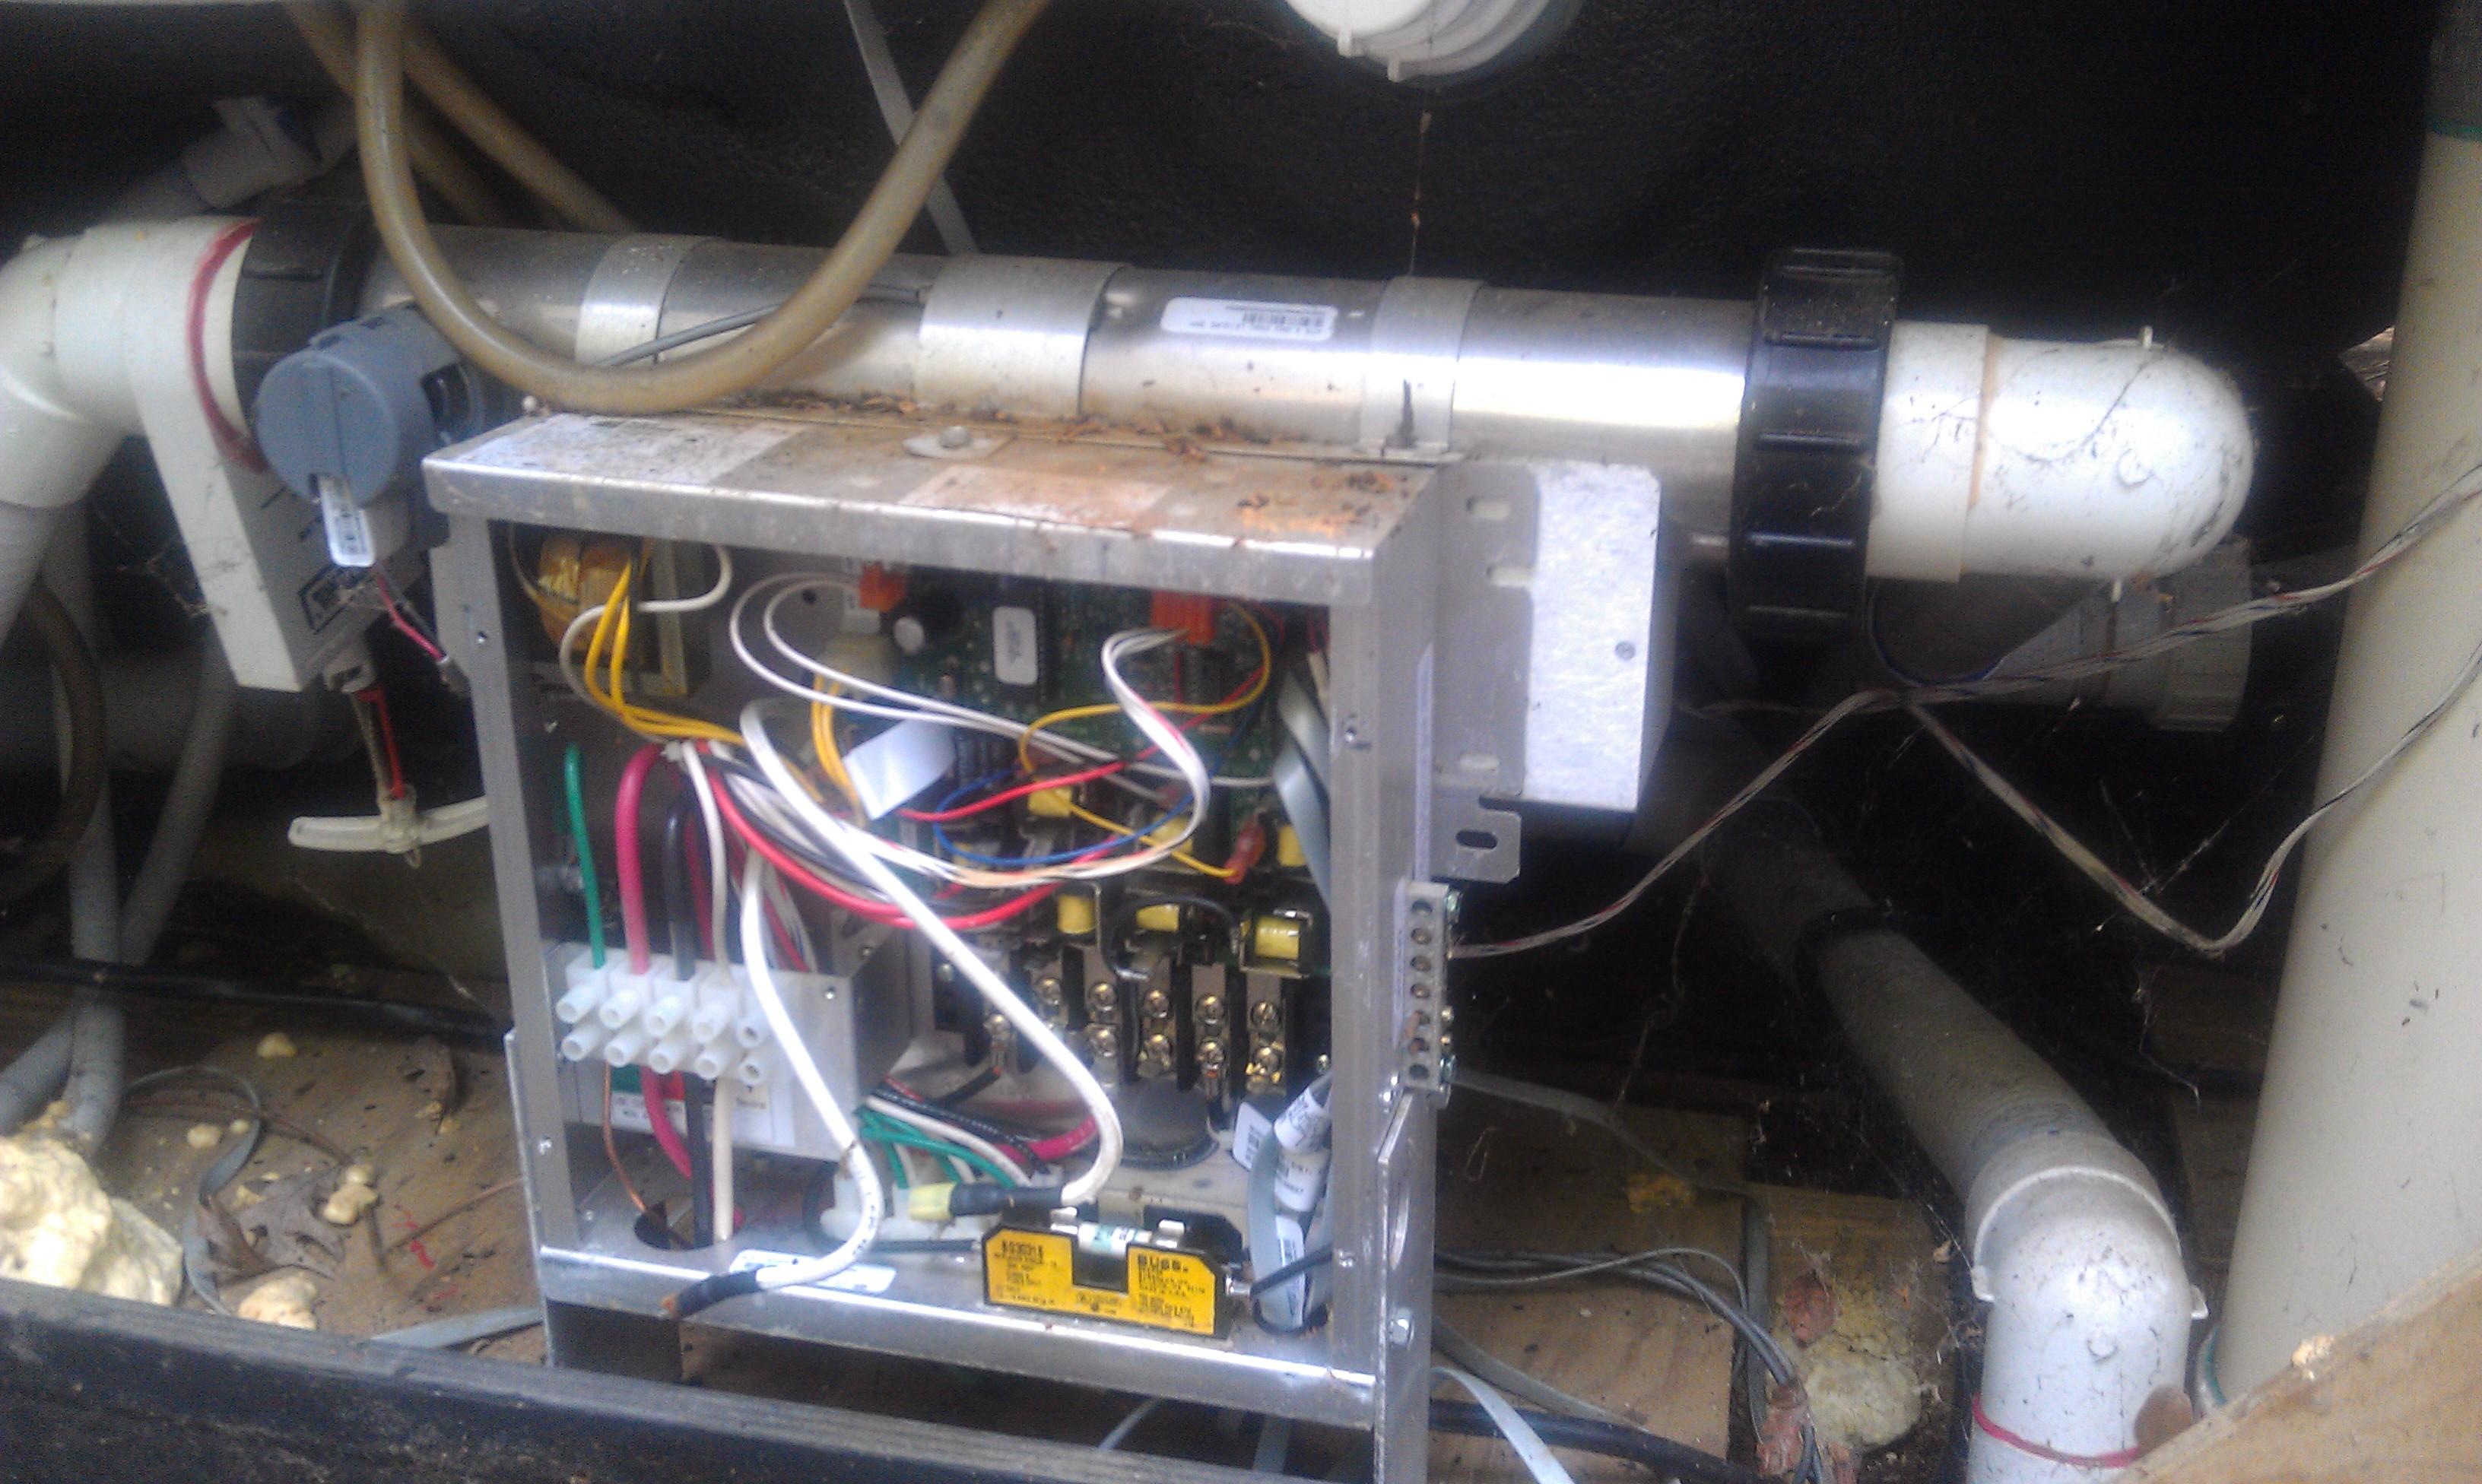 2012-05-01_165941_imag0313 Viking Spa Wiring Diagram on